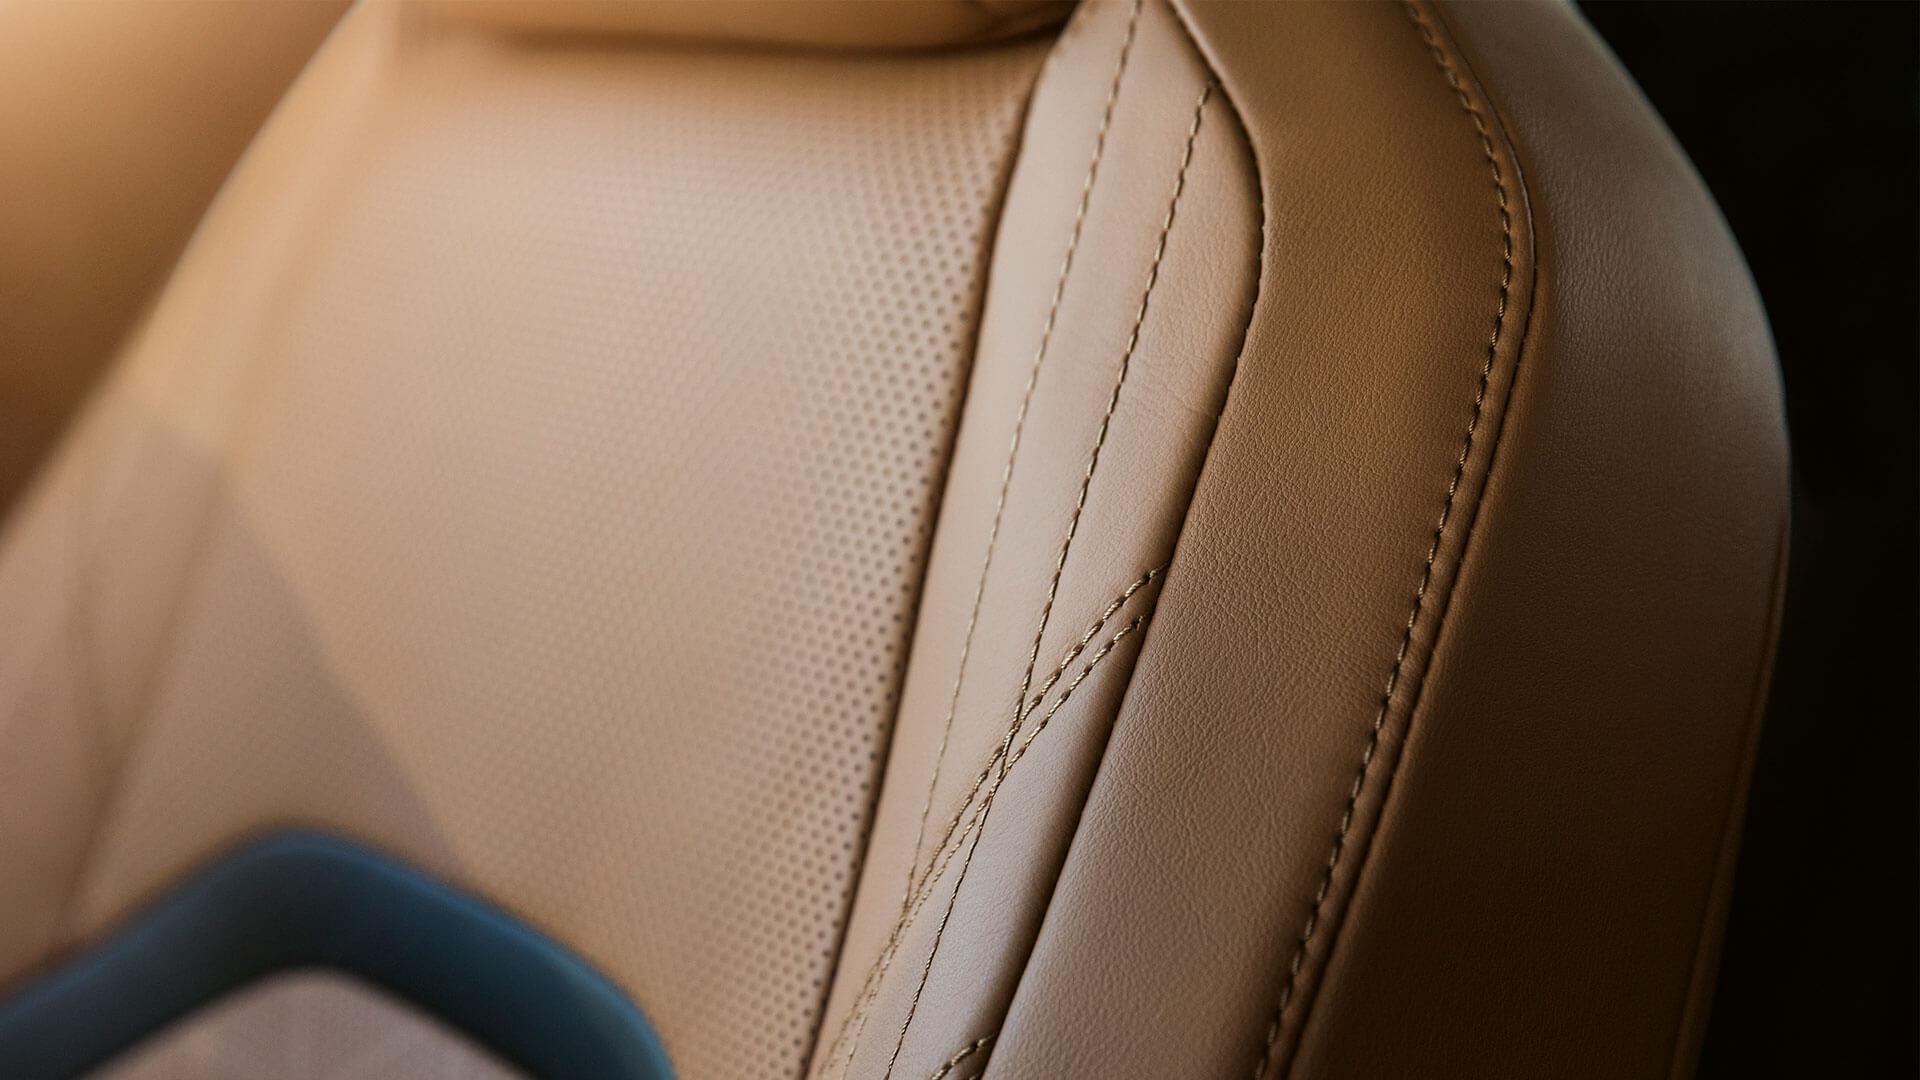 Lexus UX Interior Seat Detail